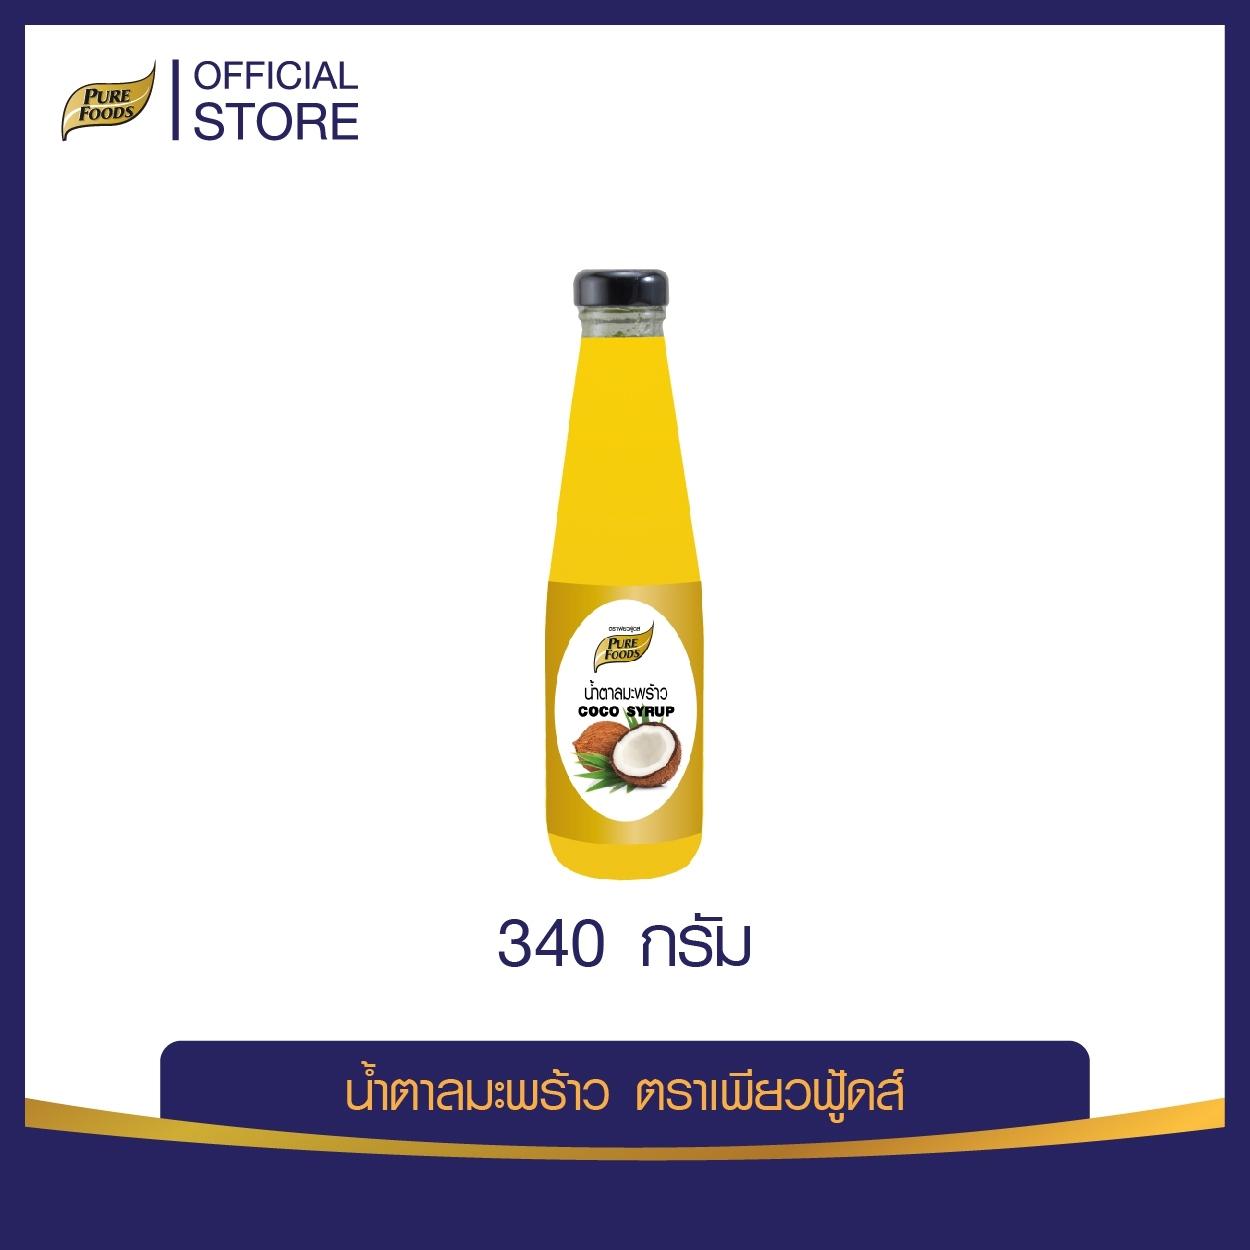 น้ำตาลมะพร้าว 340 กรัม  made to order